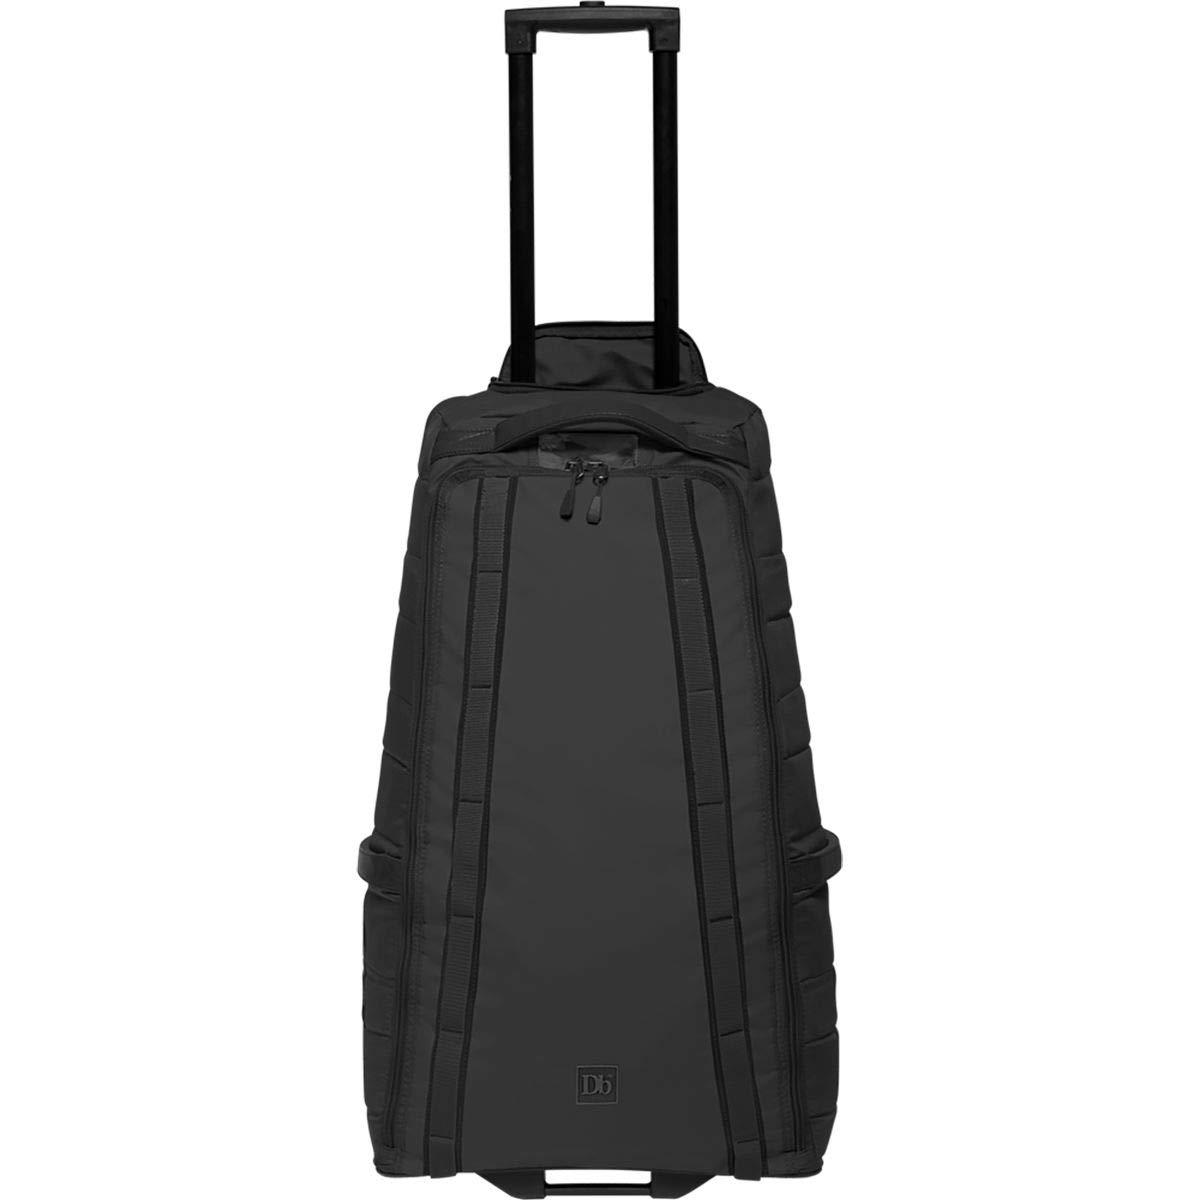 [ディービー] レディース ボストンバッグ Little Bastard 60L Bag [並行輸入品] B07MMQPW7S  No-Size